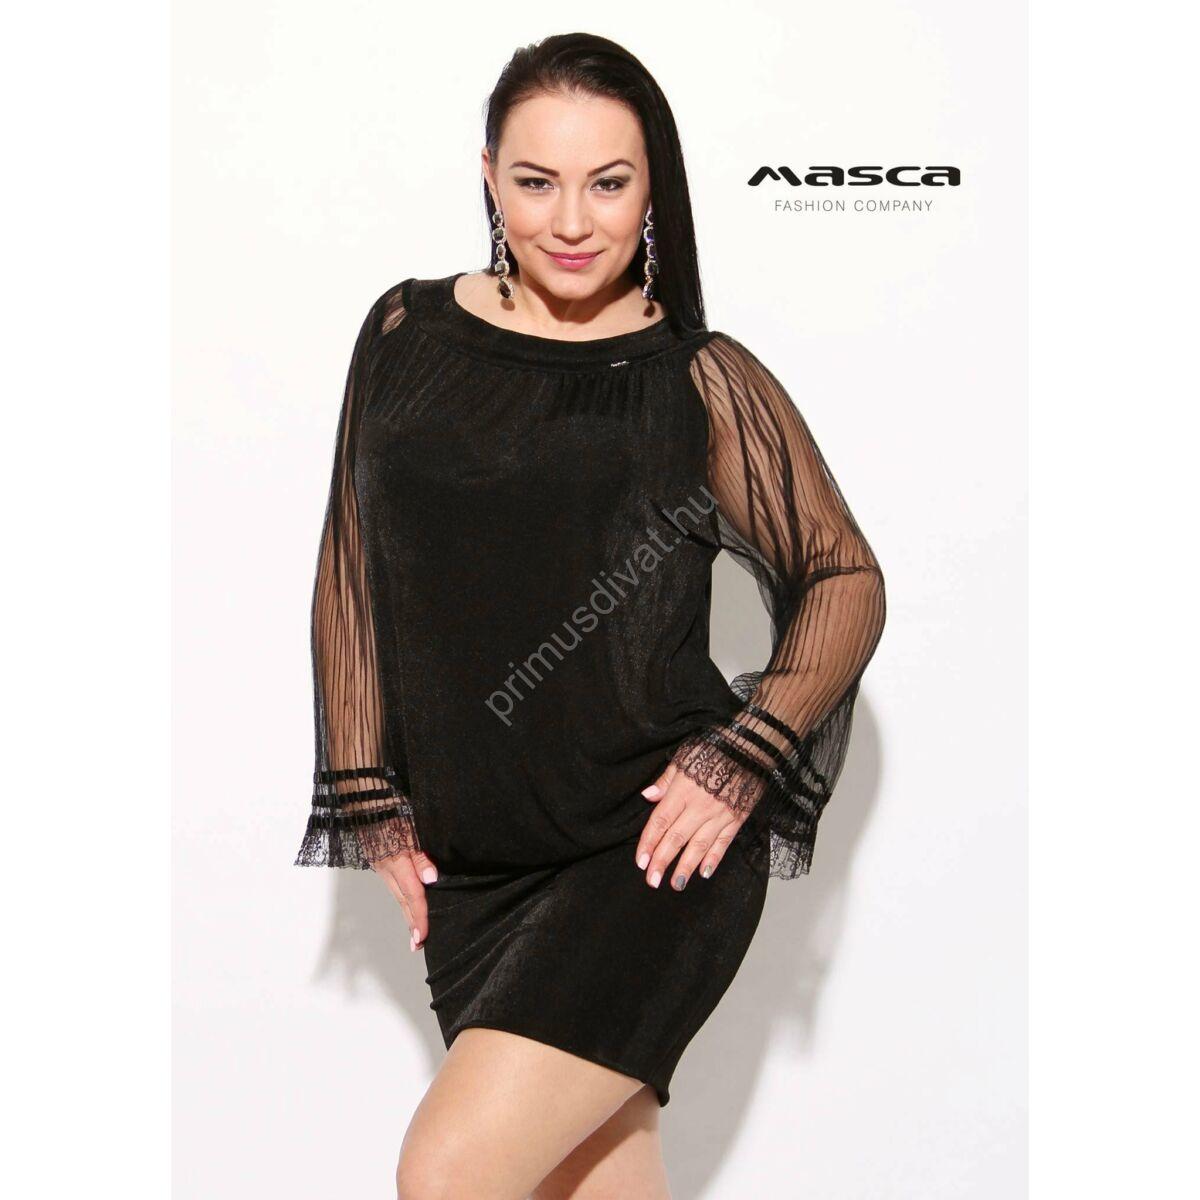 Kép 1 1 - Masca Fashion csipkés pliszírozott muszlin ujjú csillogó fekete  laza alkalmi tunika f8dd3300c9